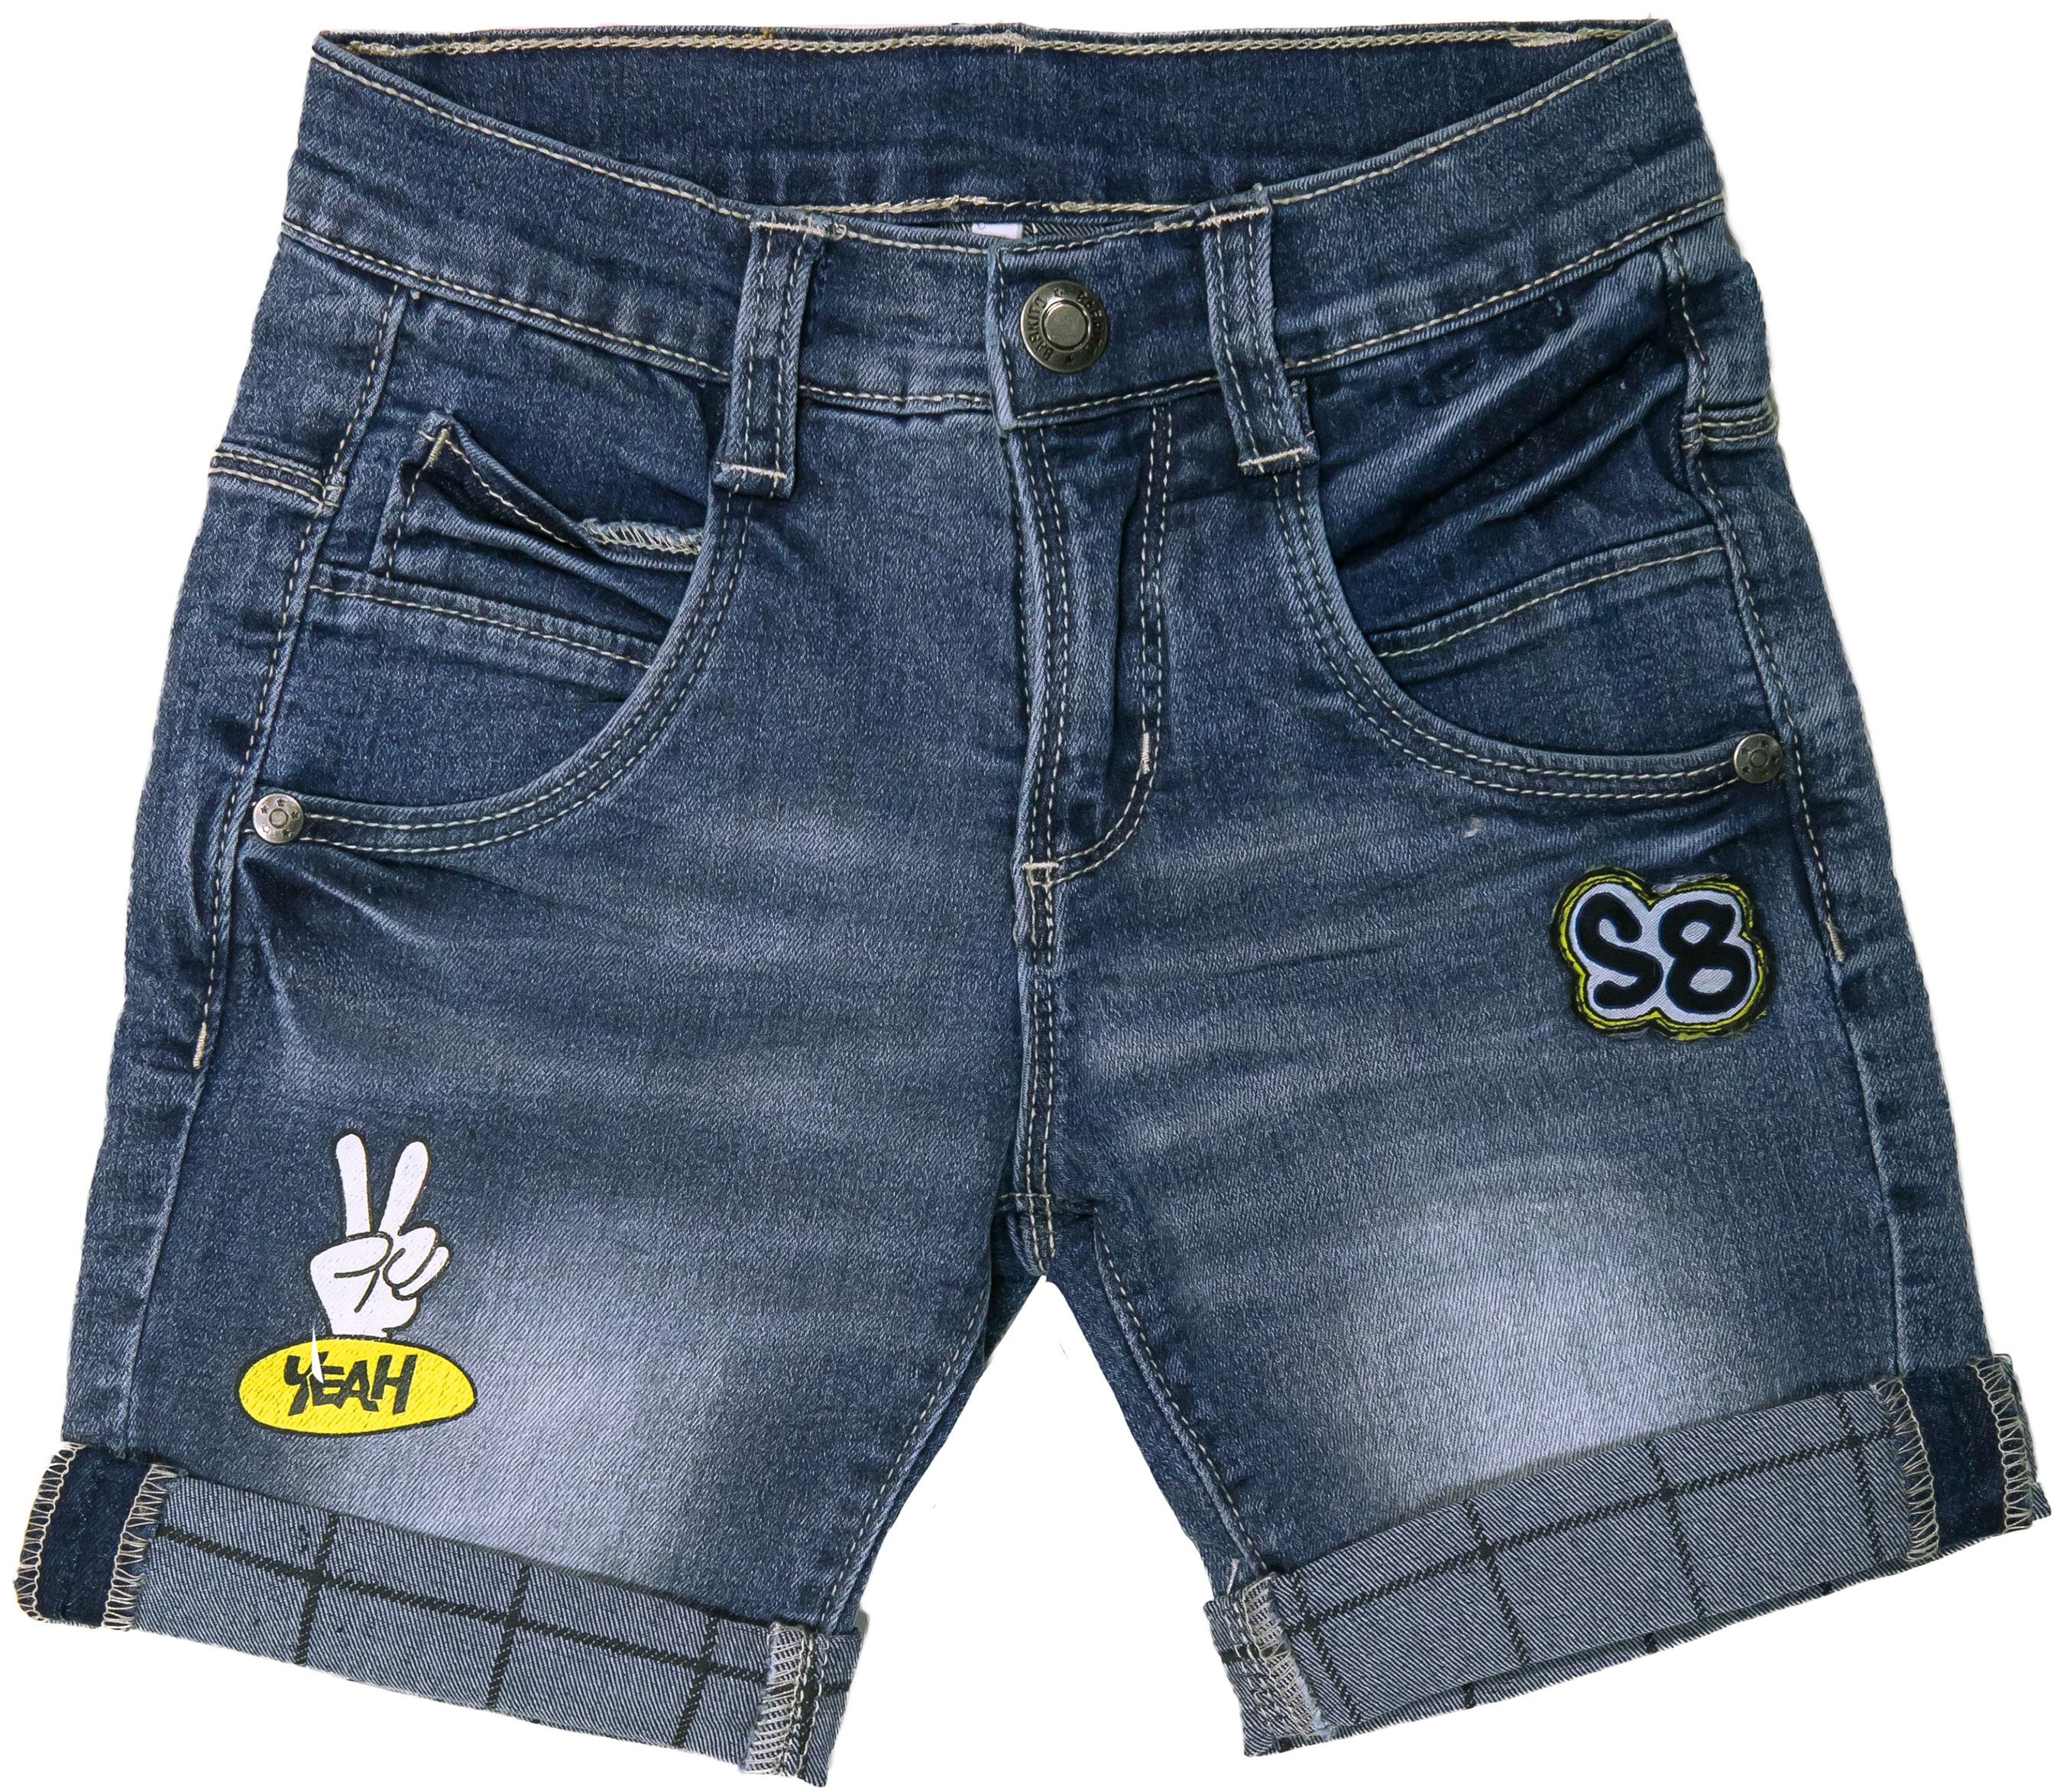 Шорты Barkito Супергерой 840025 X540 75 шорты barkito шорты джинсовые для мальчика barkito супергерой голубые